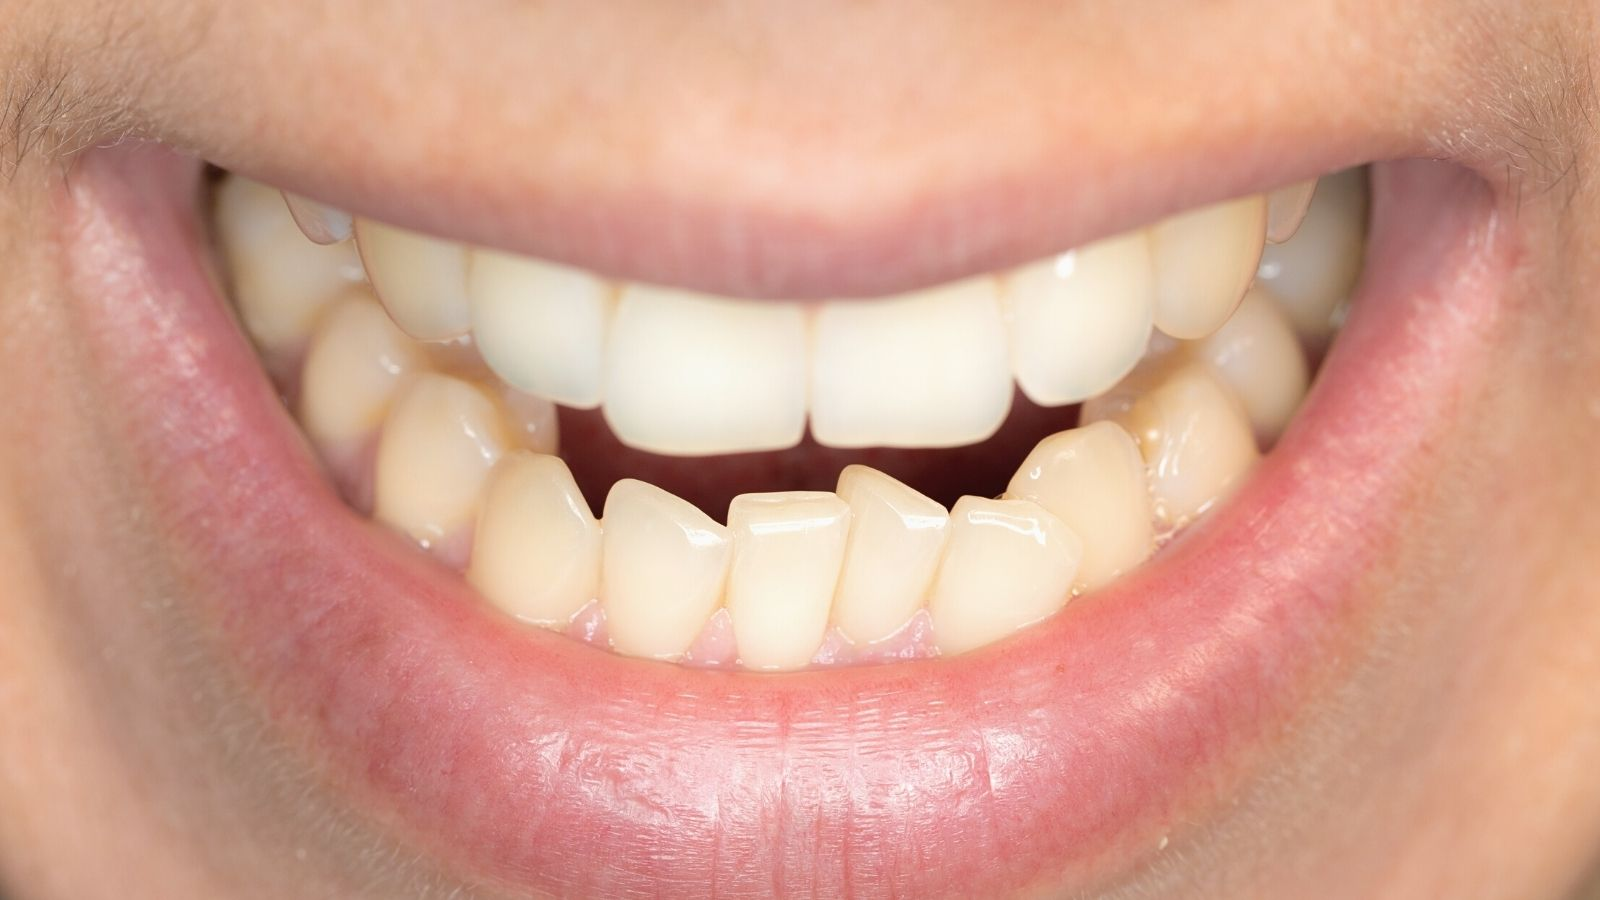 """Cкученность нижних зубов - лечение в стоматологии """"Зубочистка"""" доктора Кузьменко"""